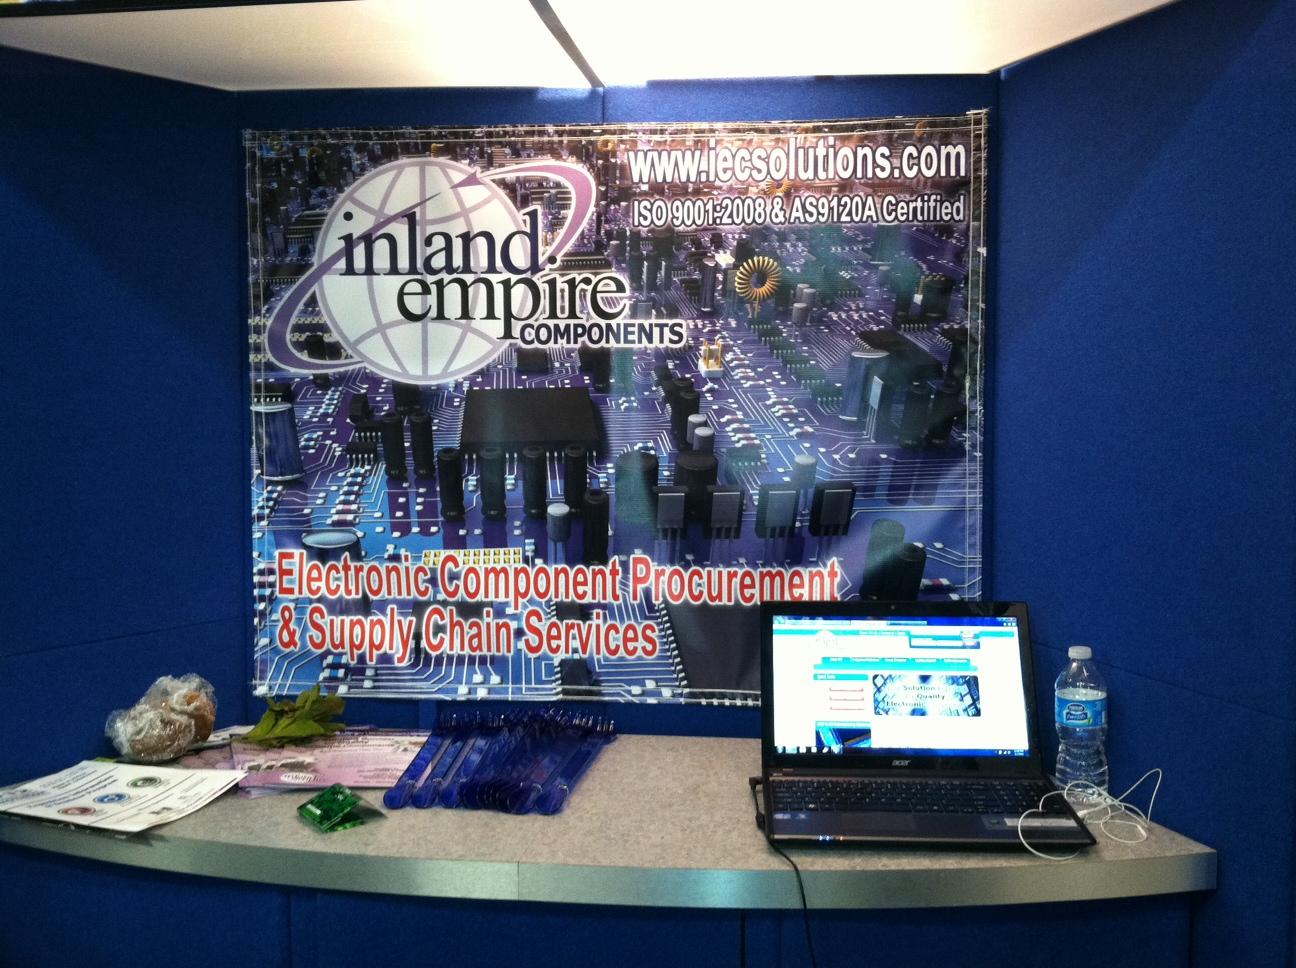 Del Mar Electronics Show Review 2012